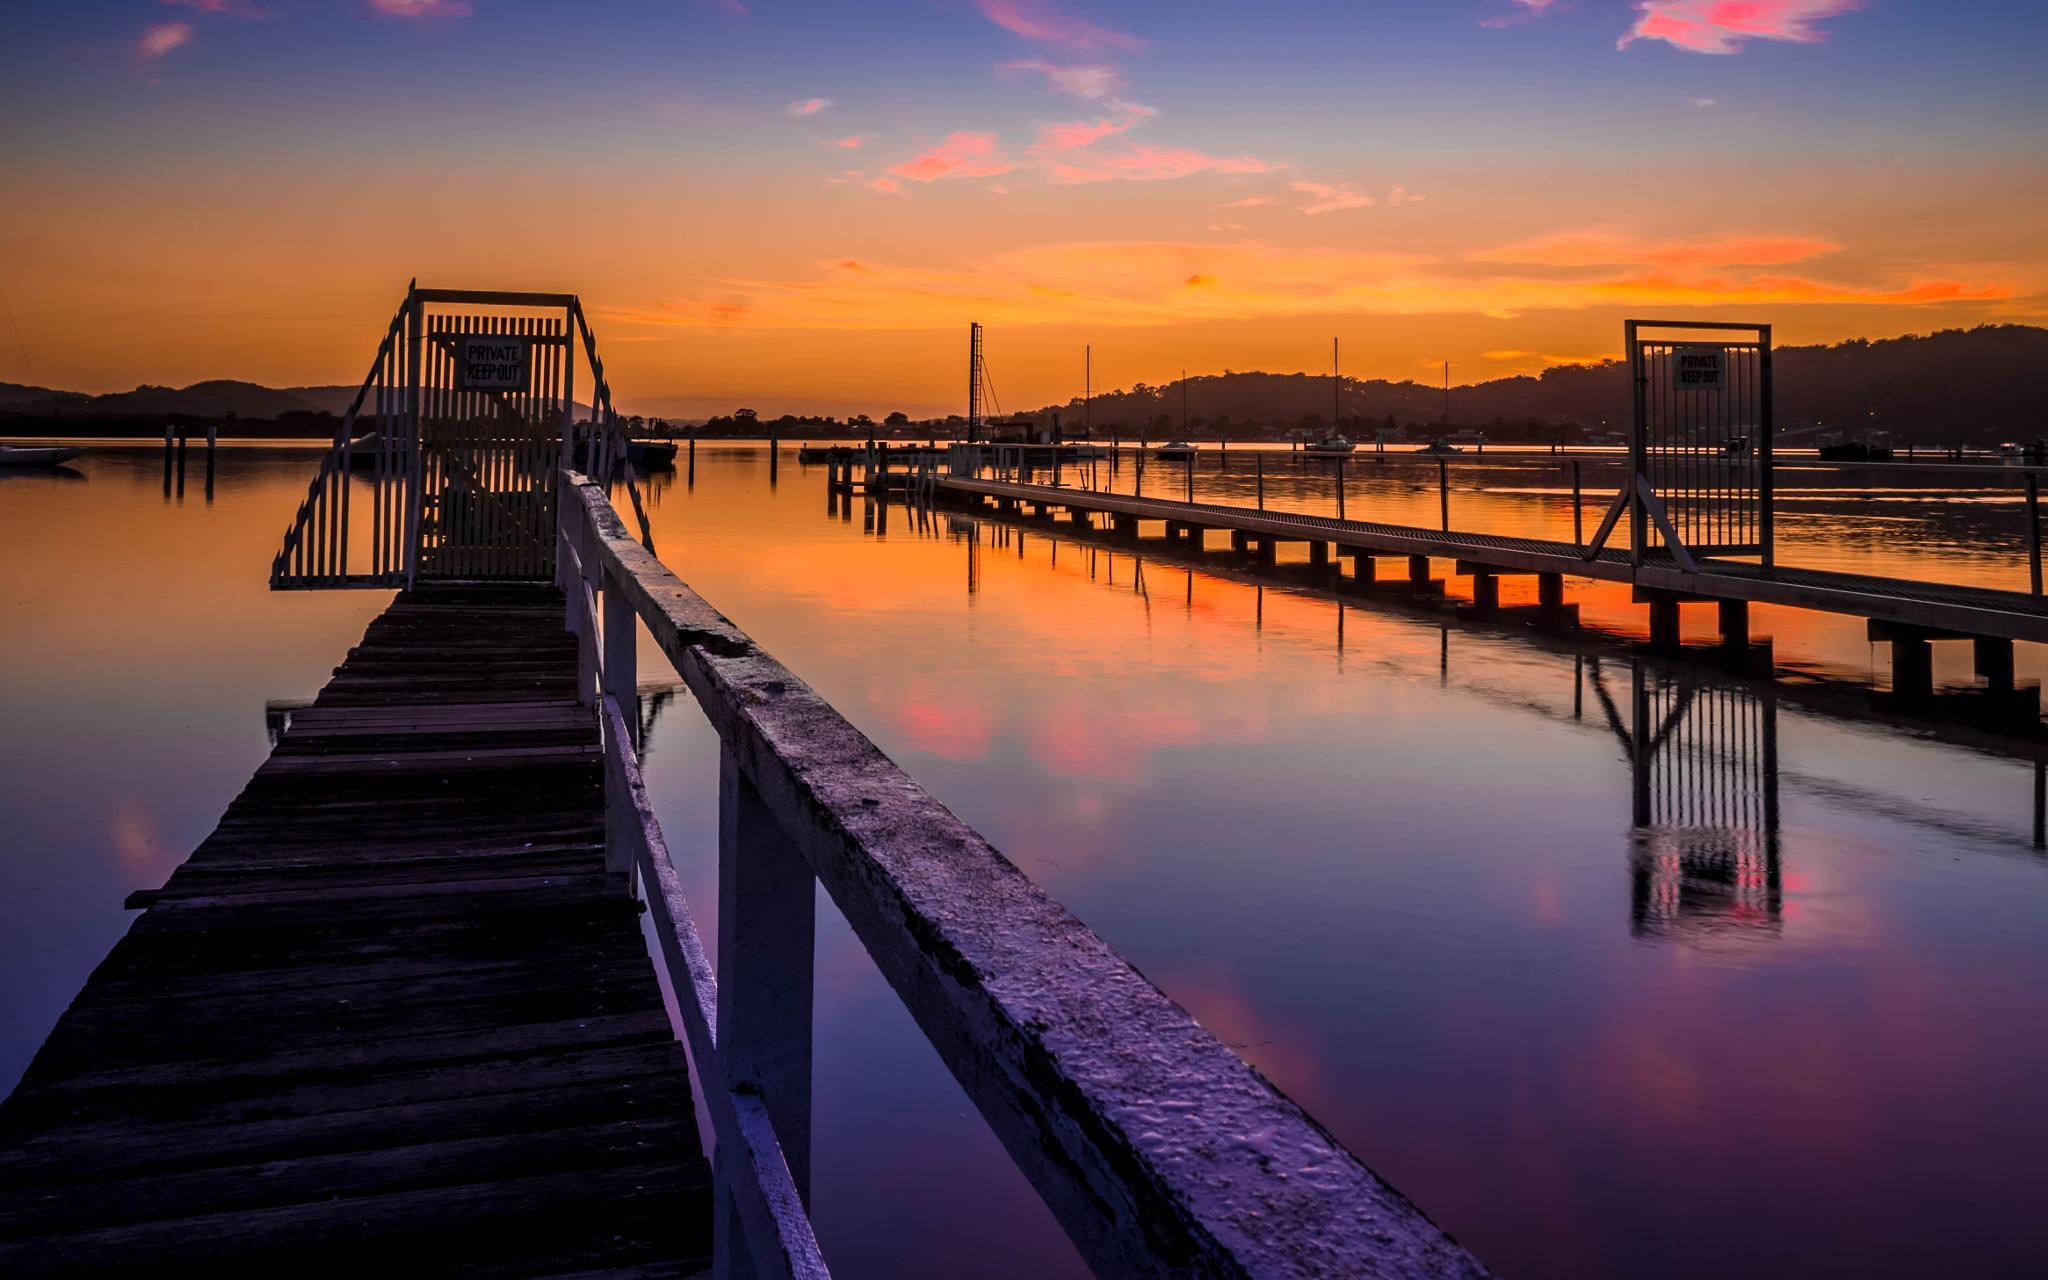 Jetty's sunrise by PepeRojas